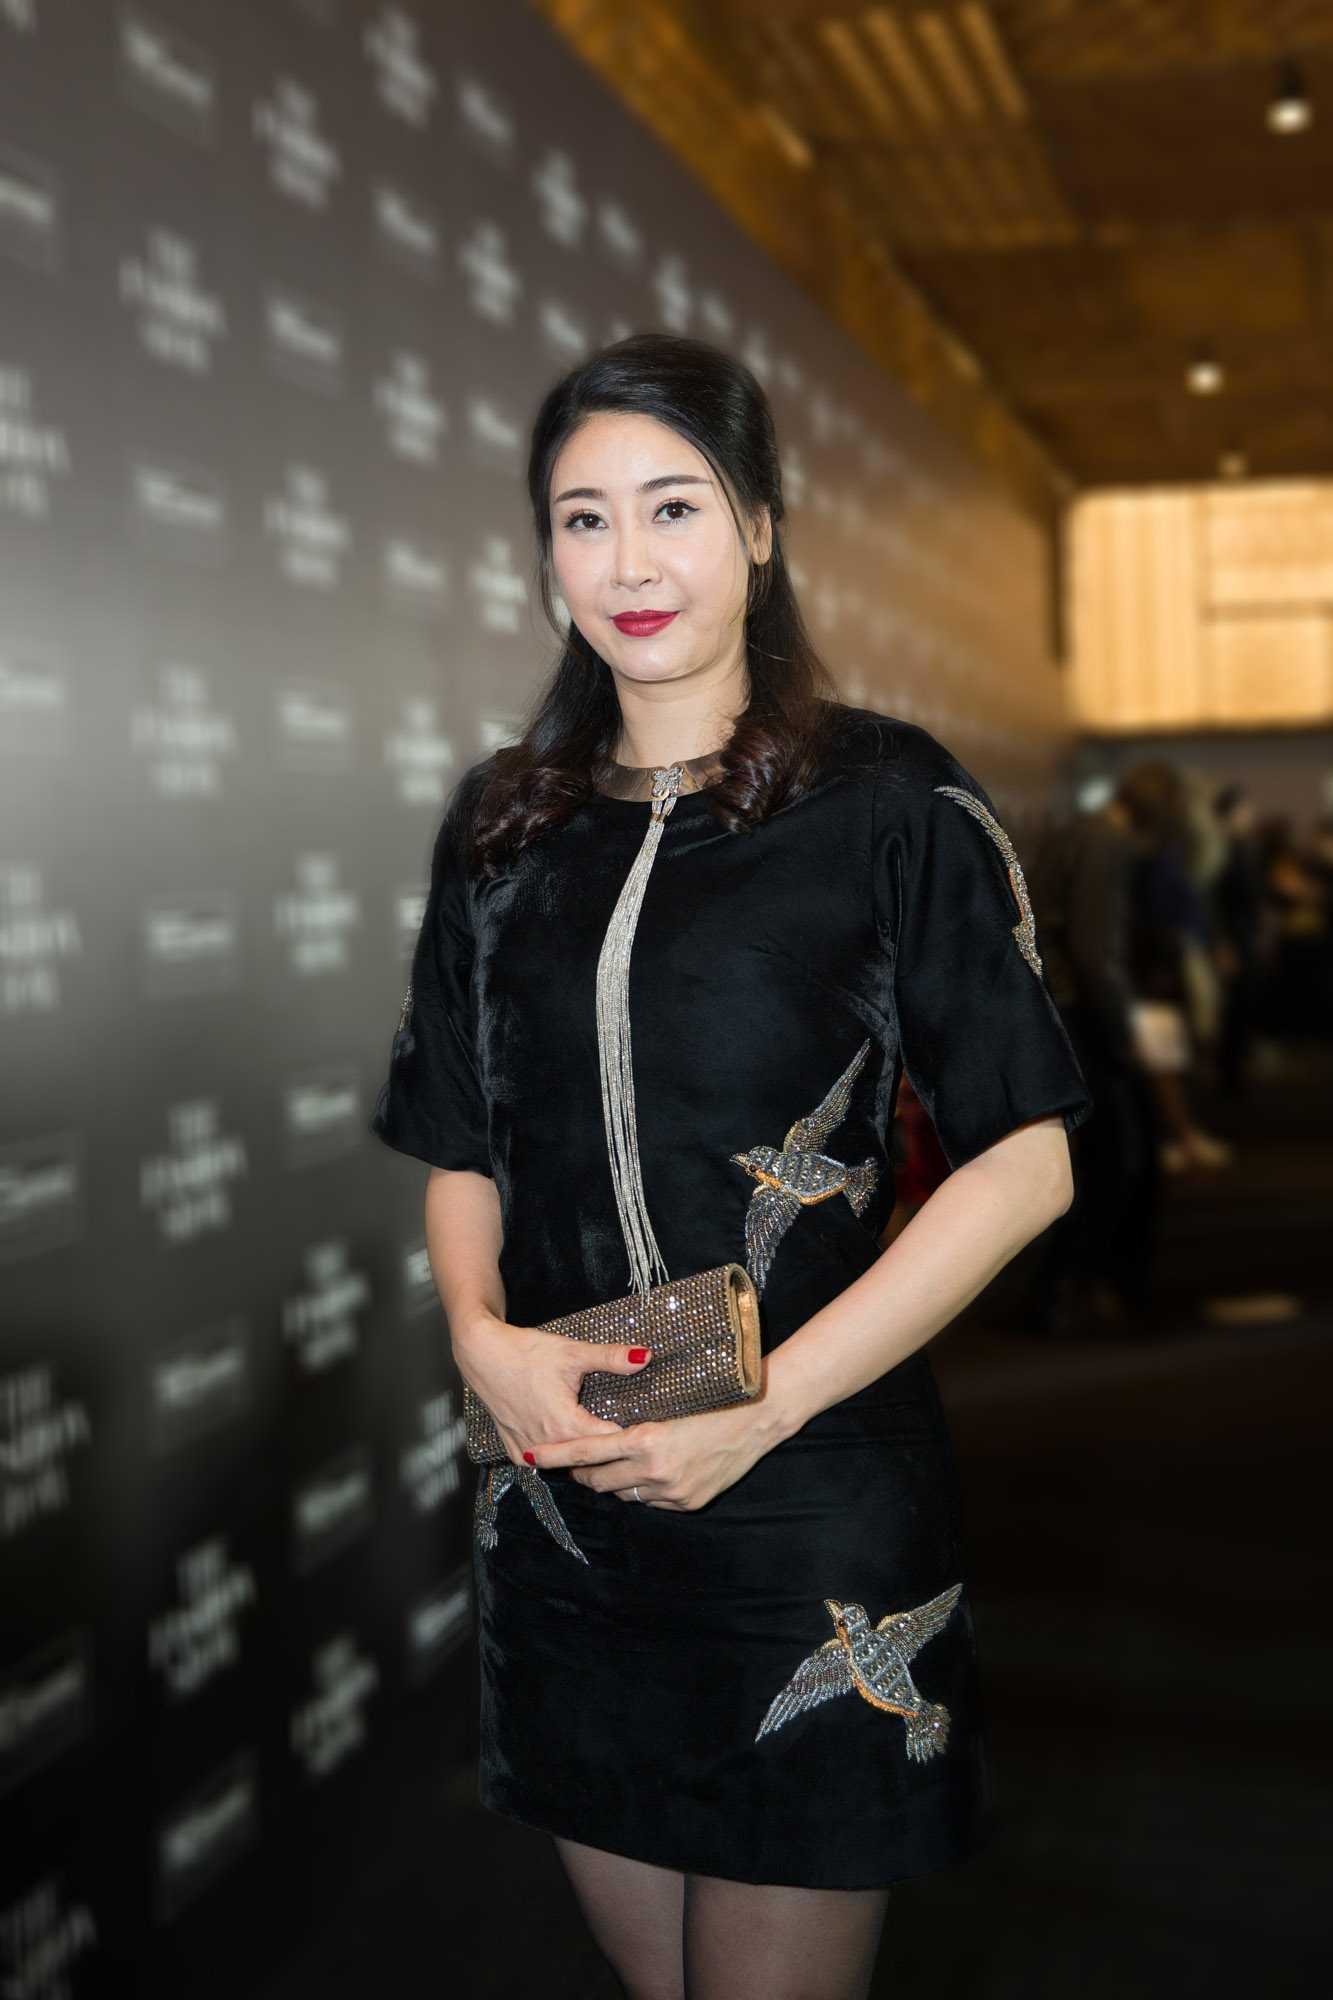 Hoa hậu Hà Kiều Anh không kiểm soát được cân nặng sau sinh.